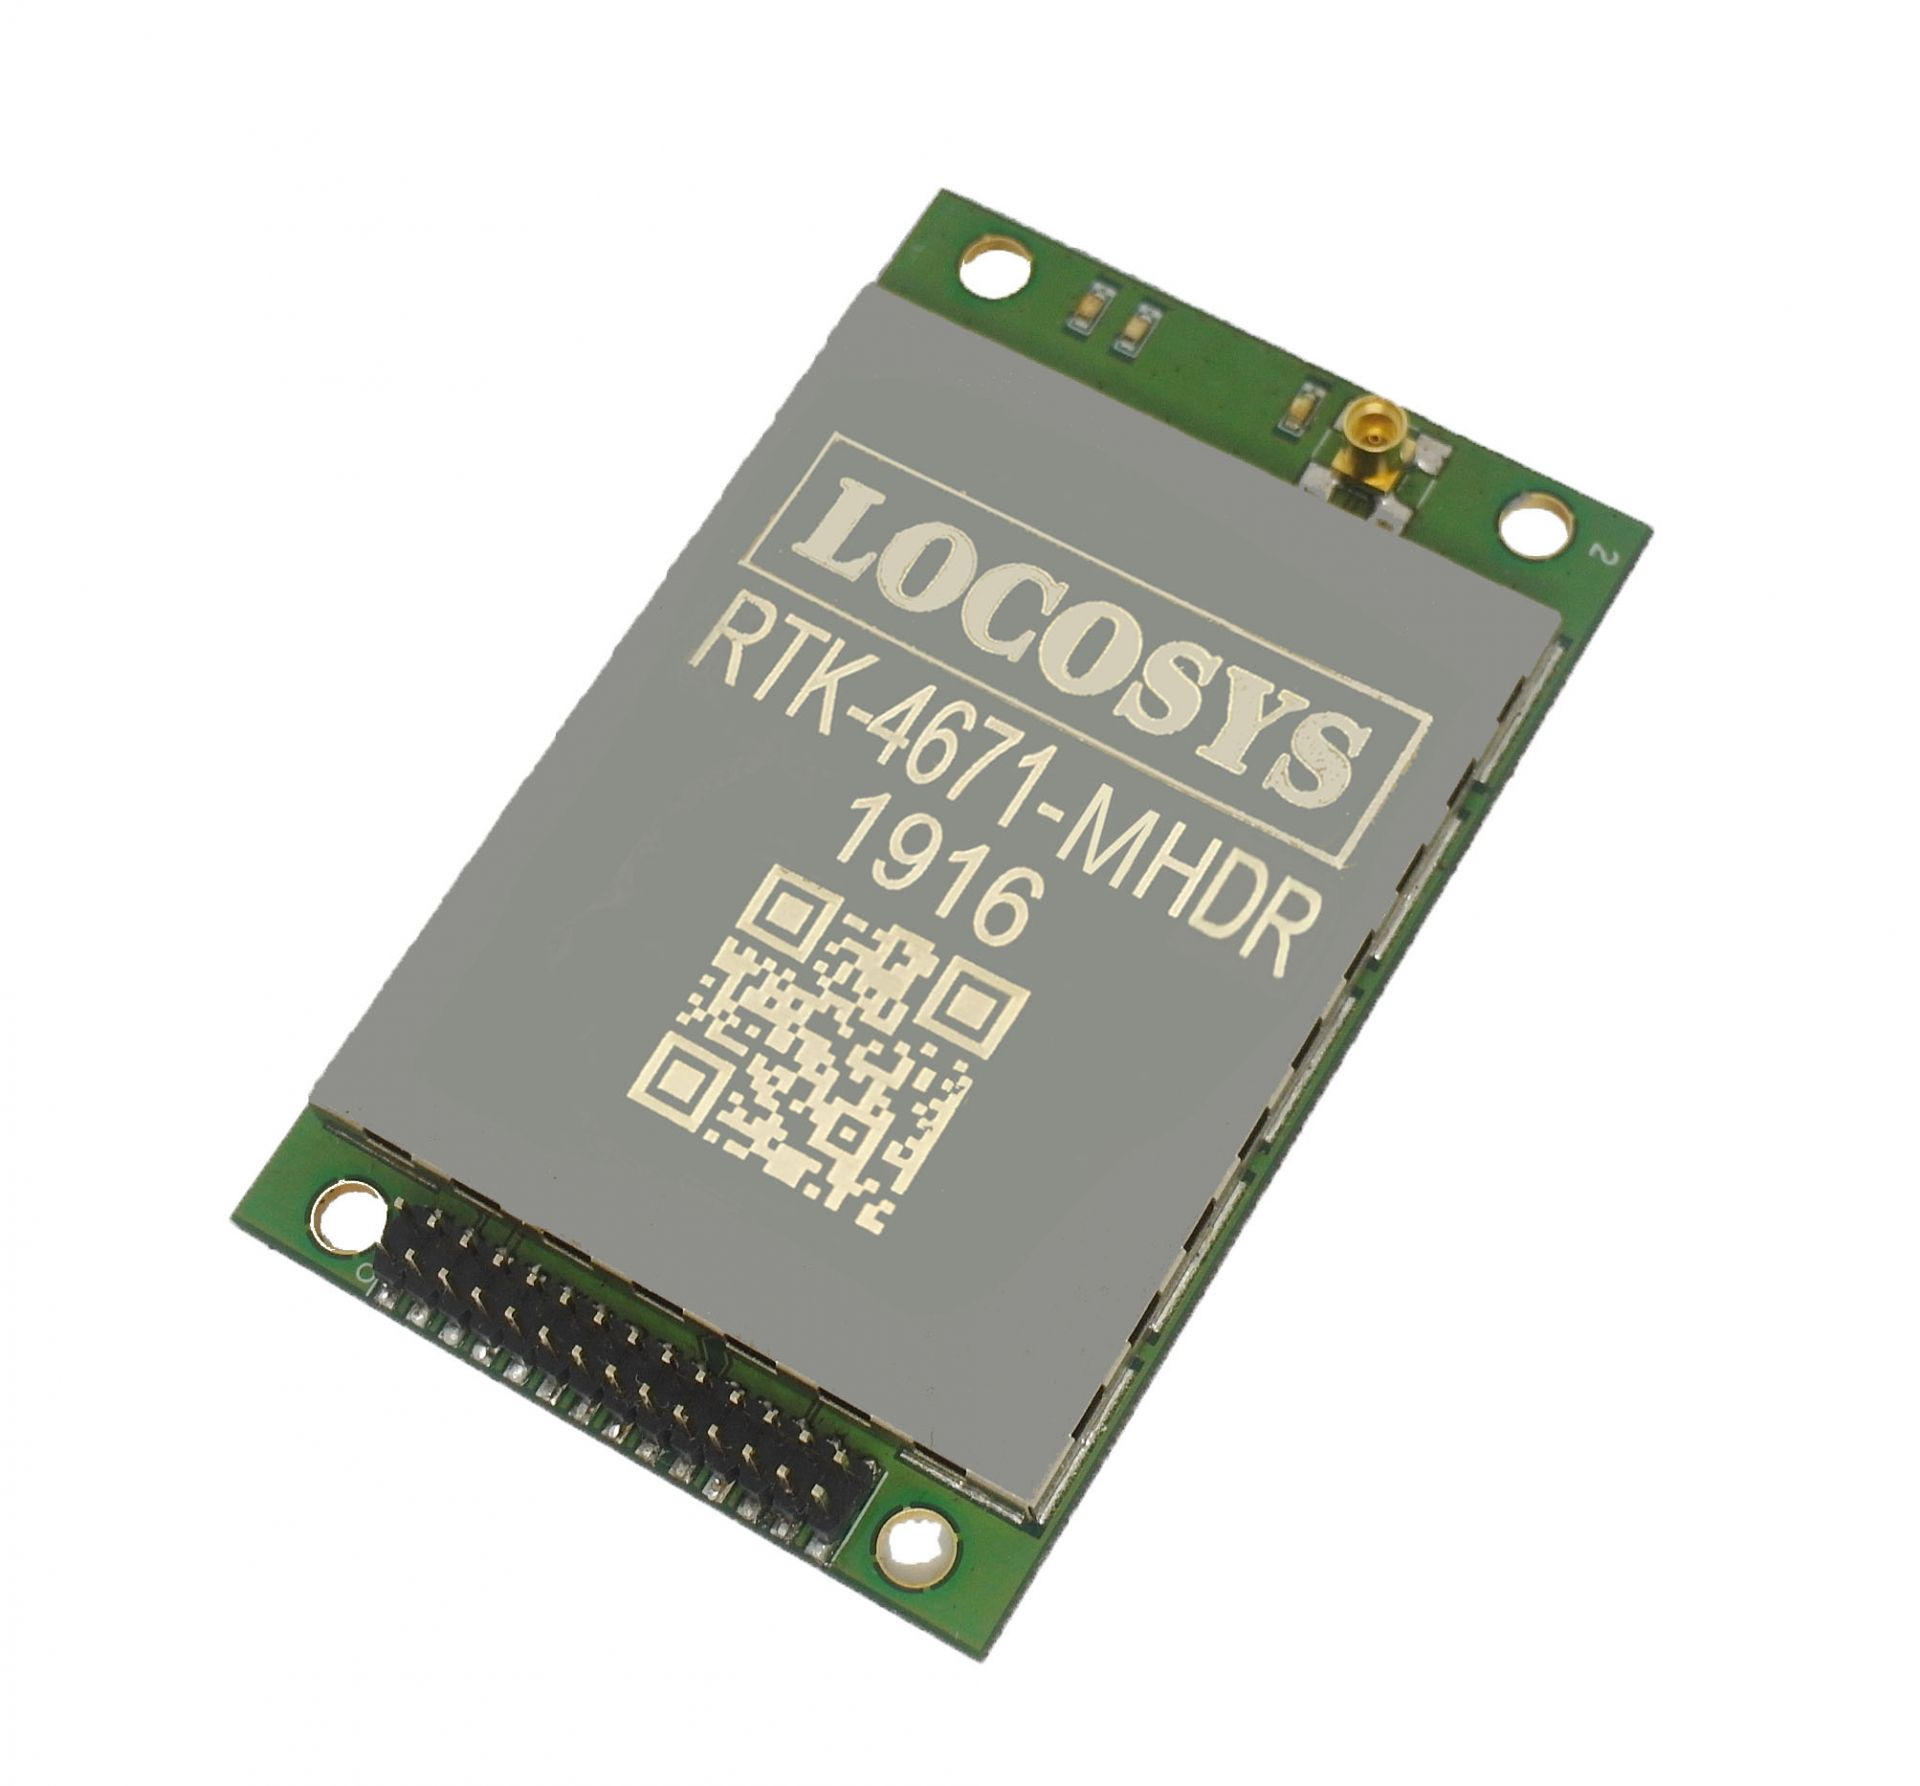 RTK-4671-MHDR